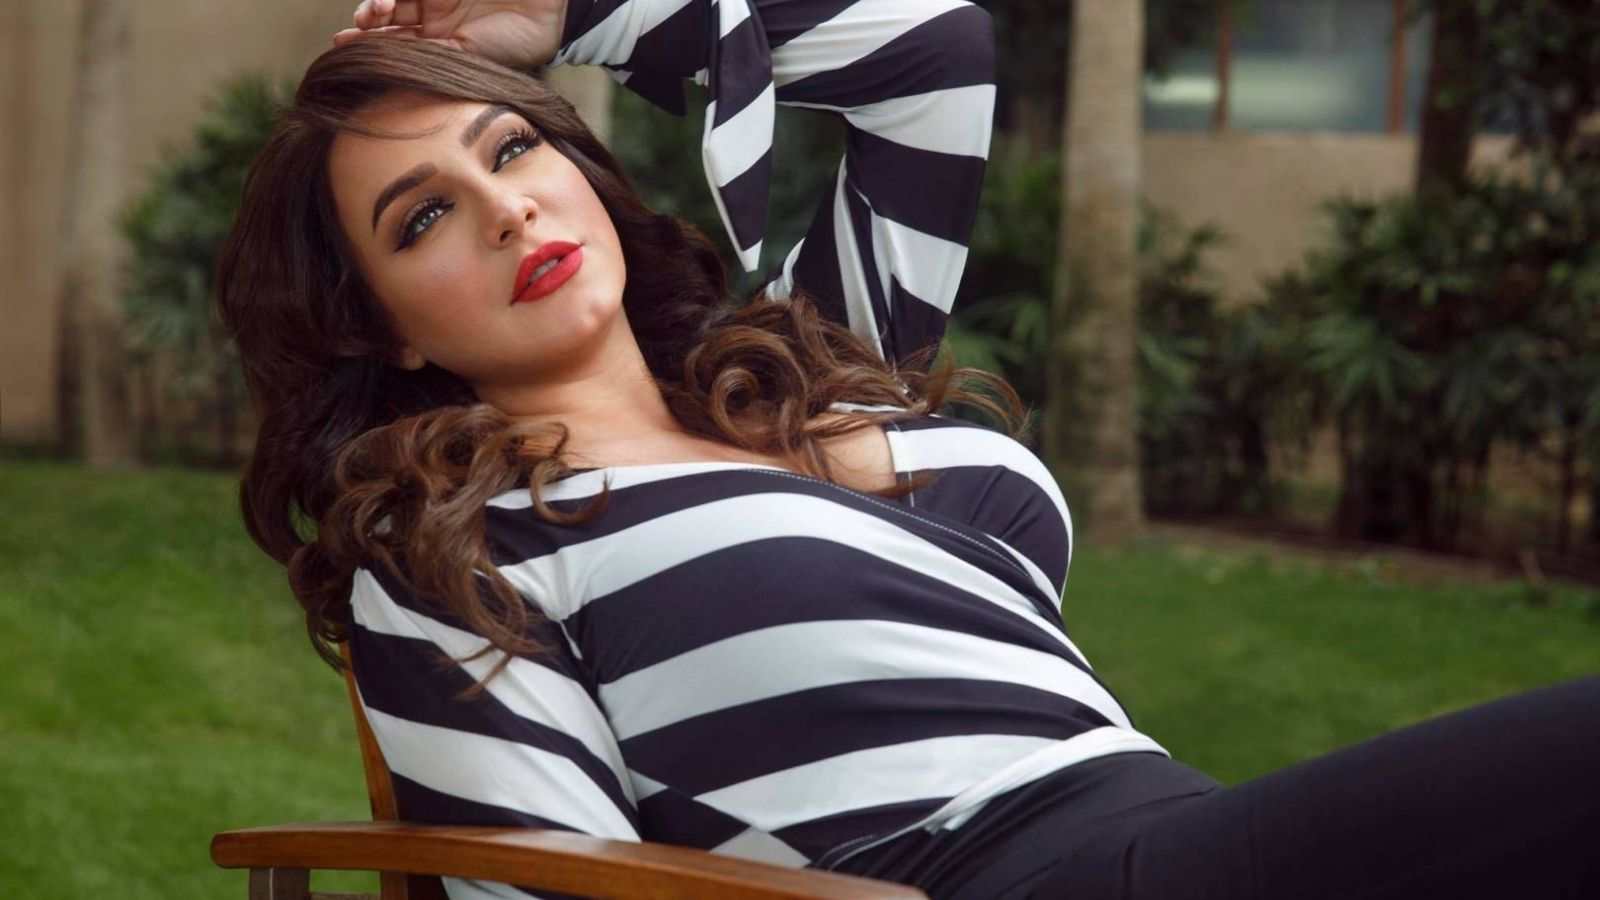 قبلة تضع سلاف فواخرجي في موقف محرج مع أولادها Fashion Women S Top Striped Top